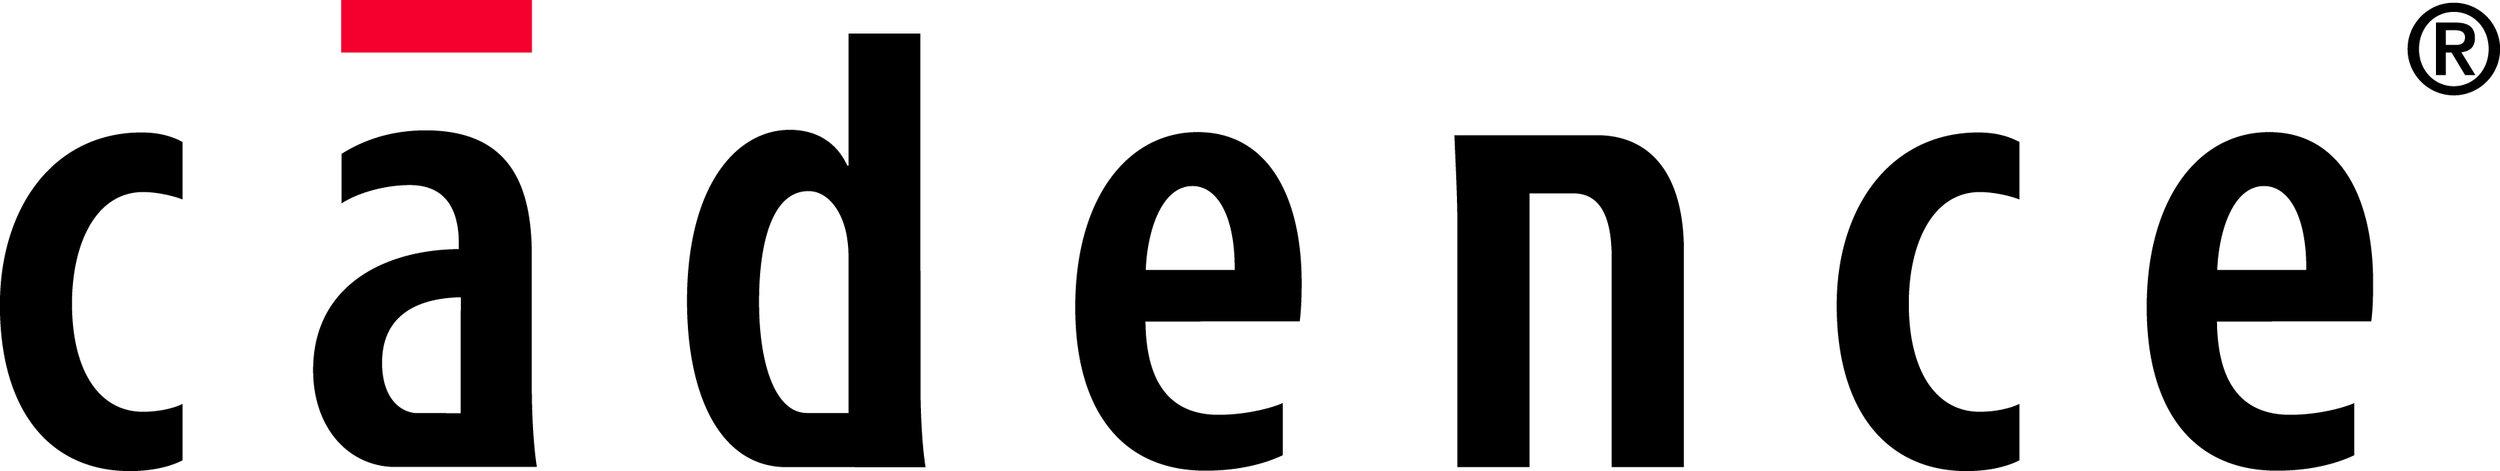 Cadece_Logo_Red_Reg.jpg